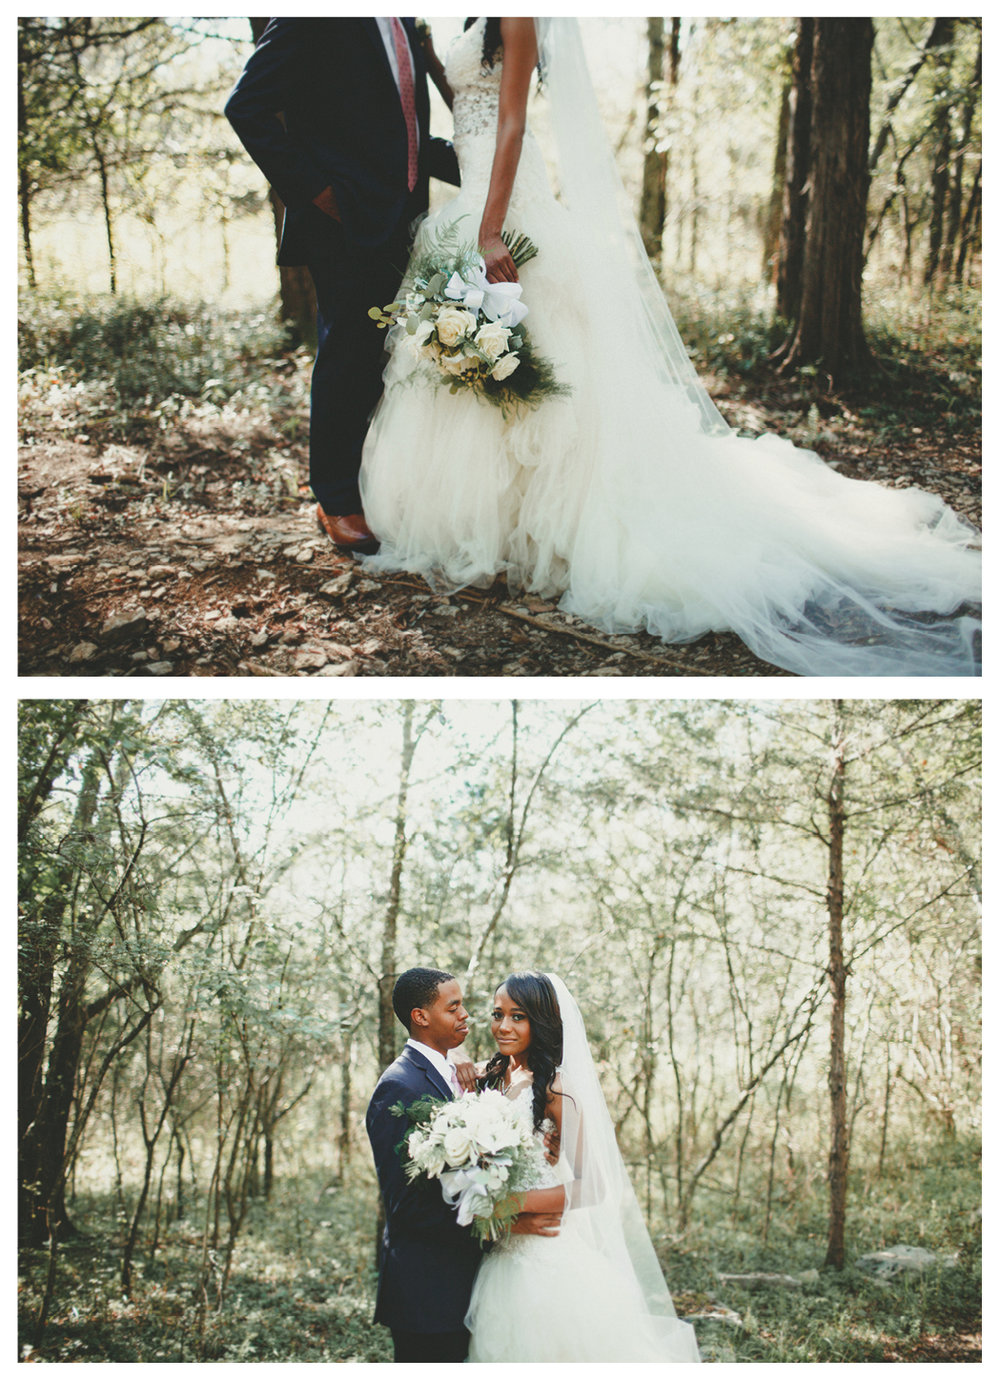 Bride_Groom6.jpg